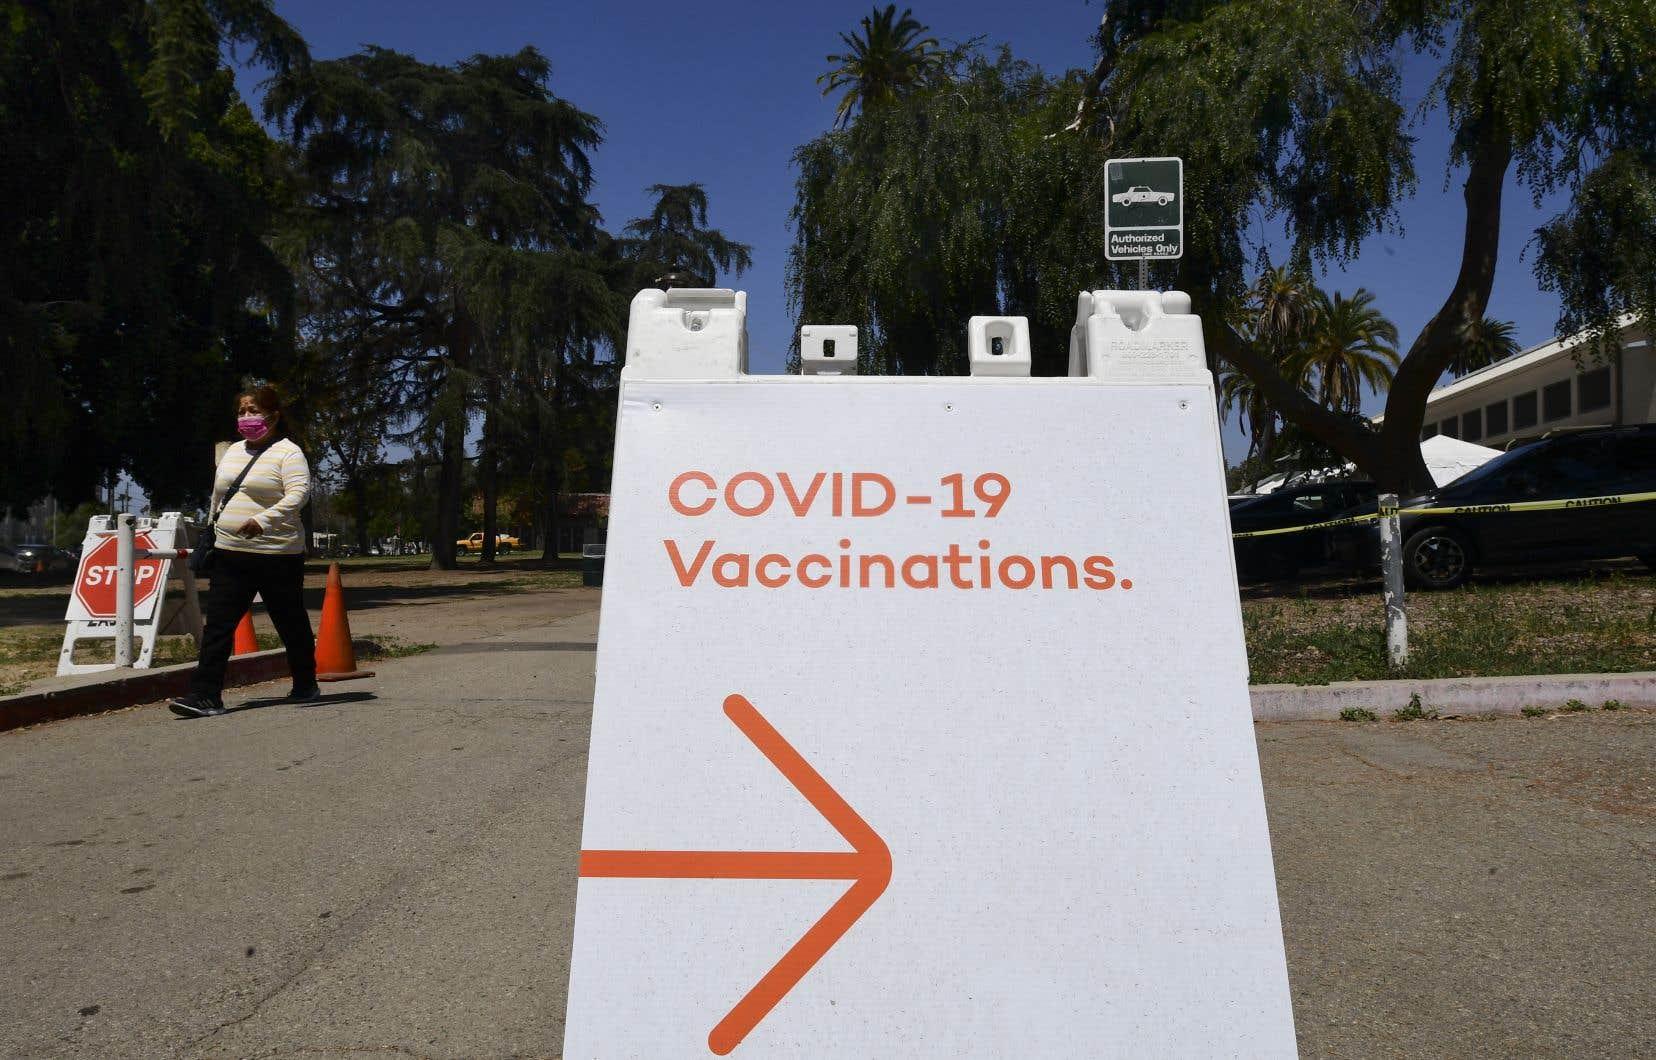 Après des niveaux record, le nombre quotidien de personnes recevant une dose de vaccin contre la COVID-19 est maintenant en baisse aux États-Unis.